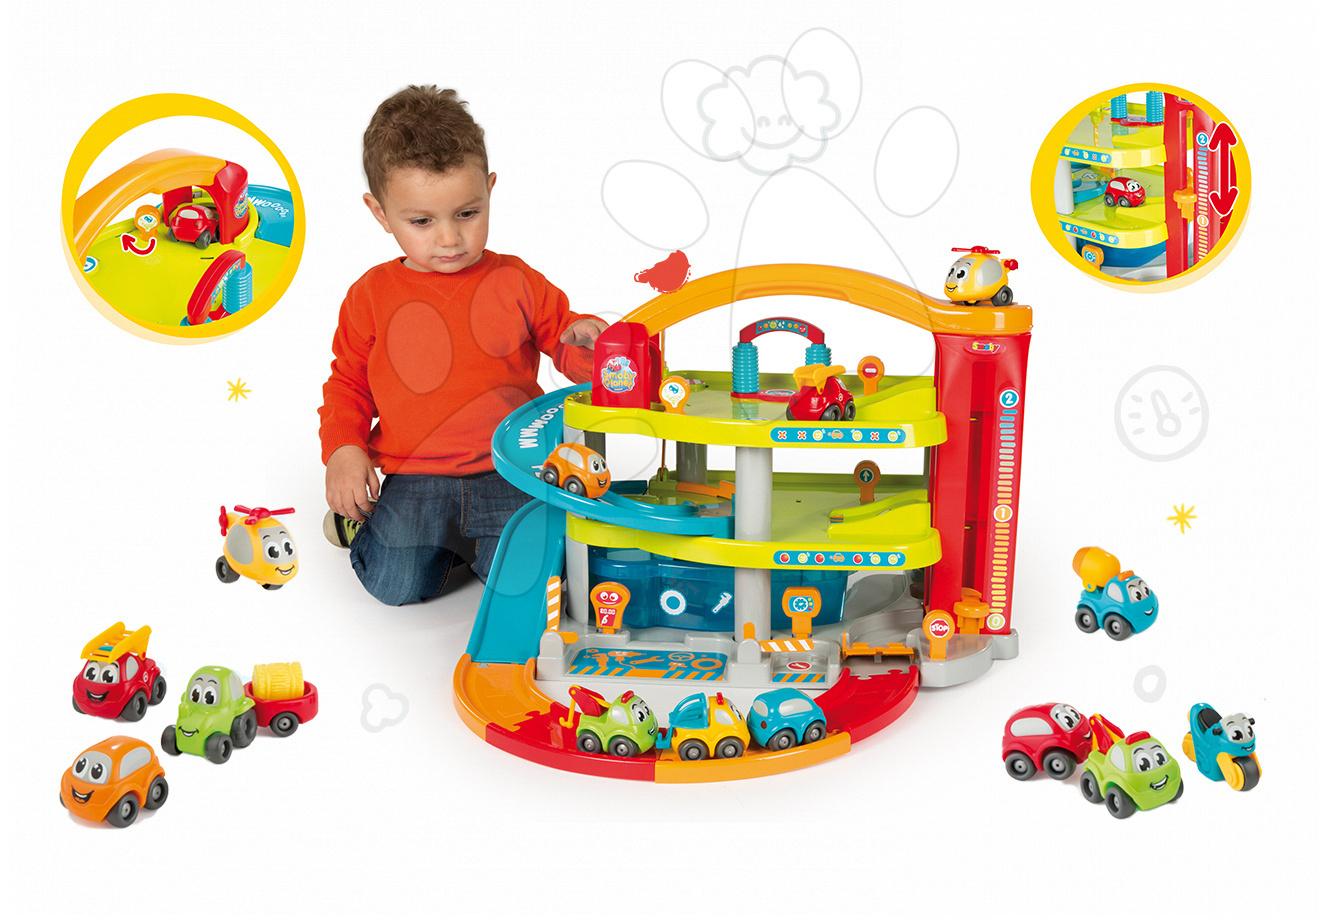 Set dětská dvoupatrová garáž Vroom Planet Grand Smoby s 2 autíčky a souprava 8 autíček